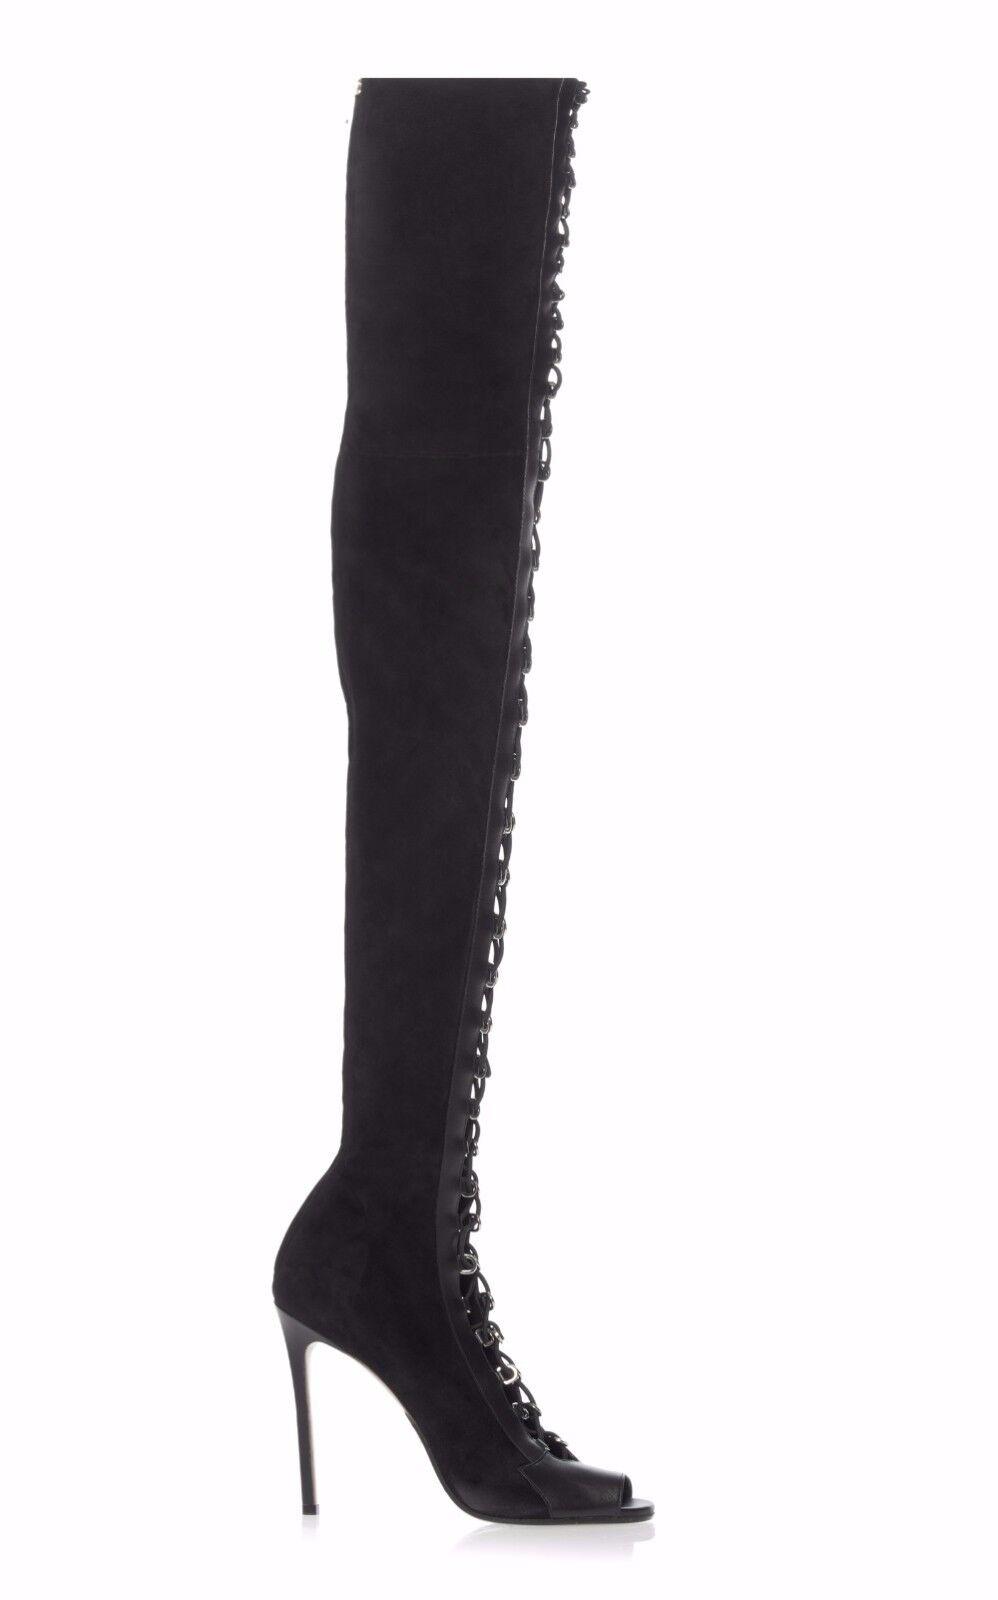 Mujeres Damas Damas Damas Punta Abierta con Cordones Alto del muslo sobre la rodilla botas Stiletto Tamaño Grande f1144a